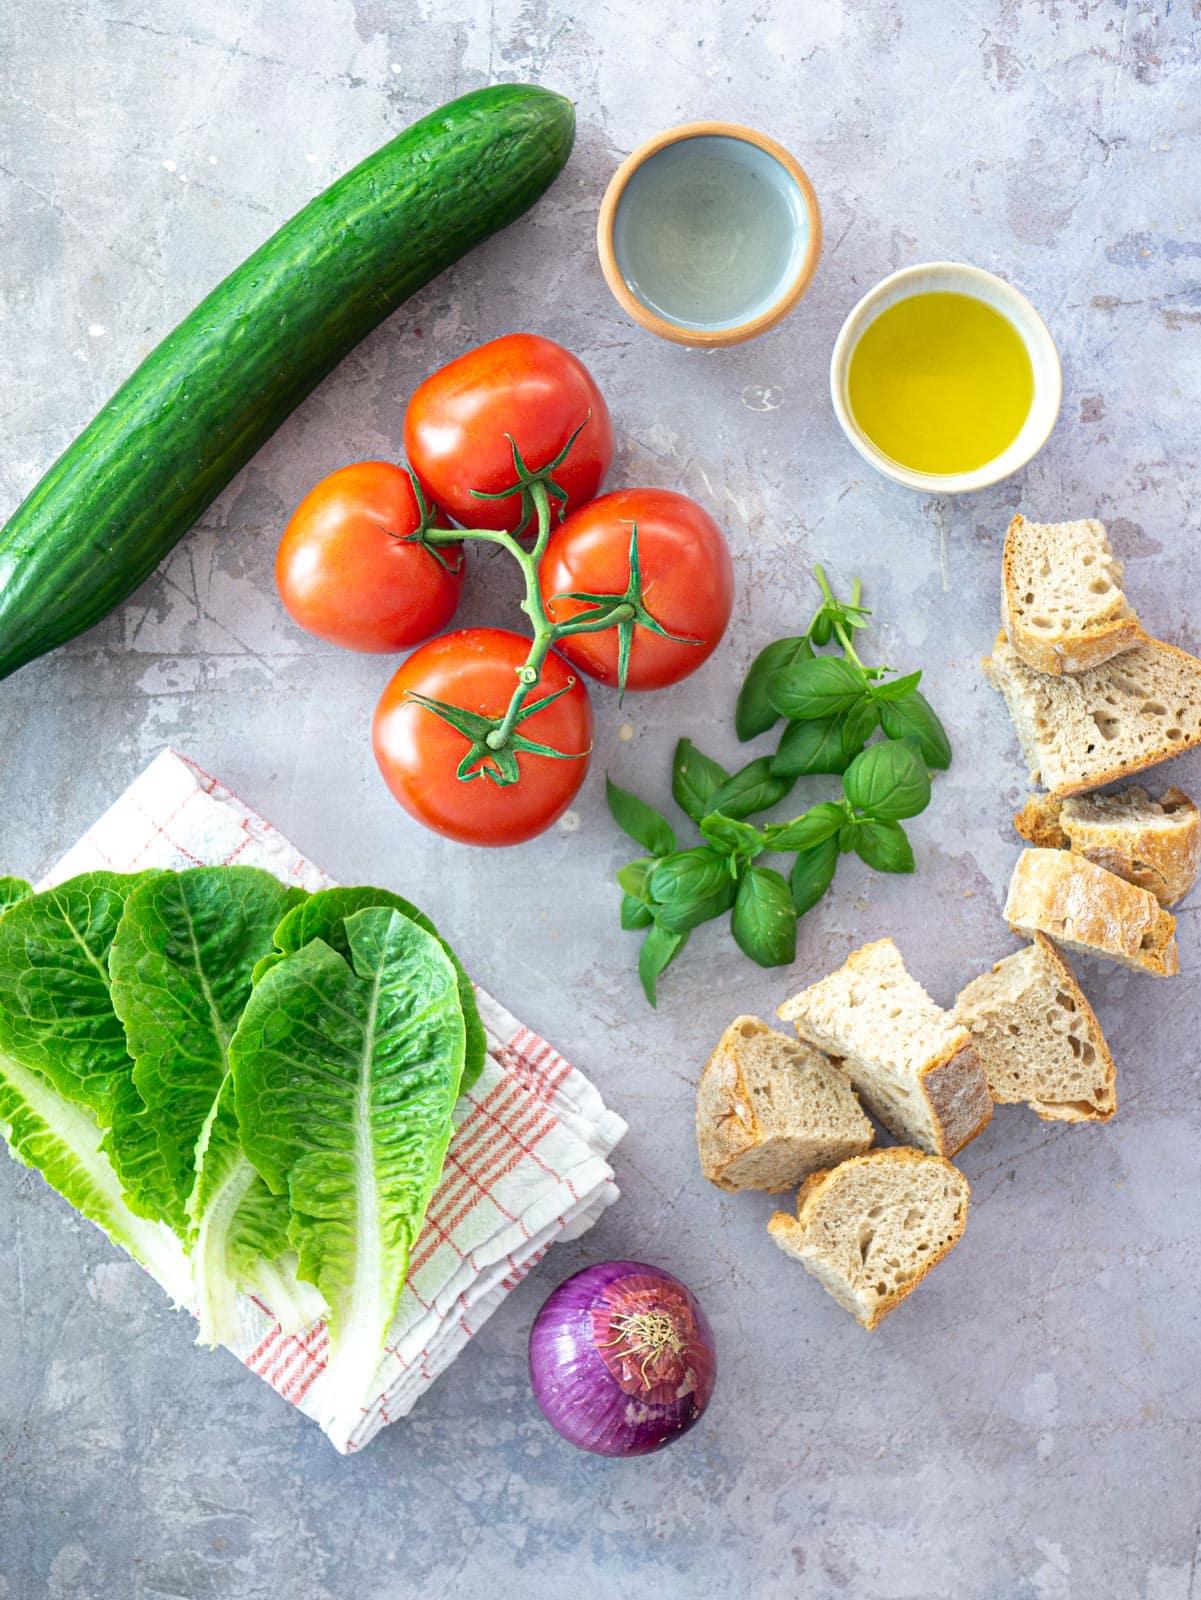 Ingredients for vegan panzanella salad